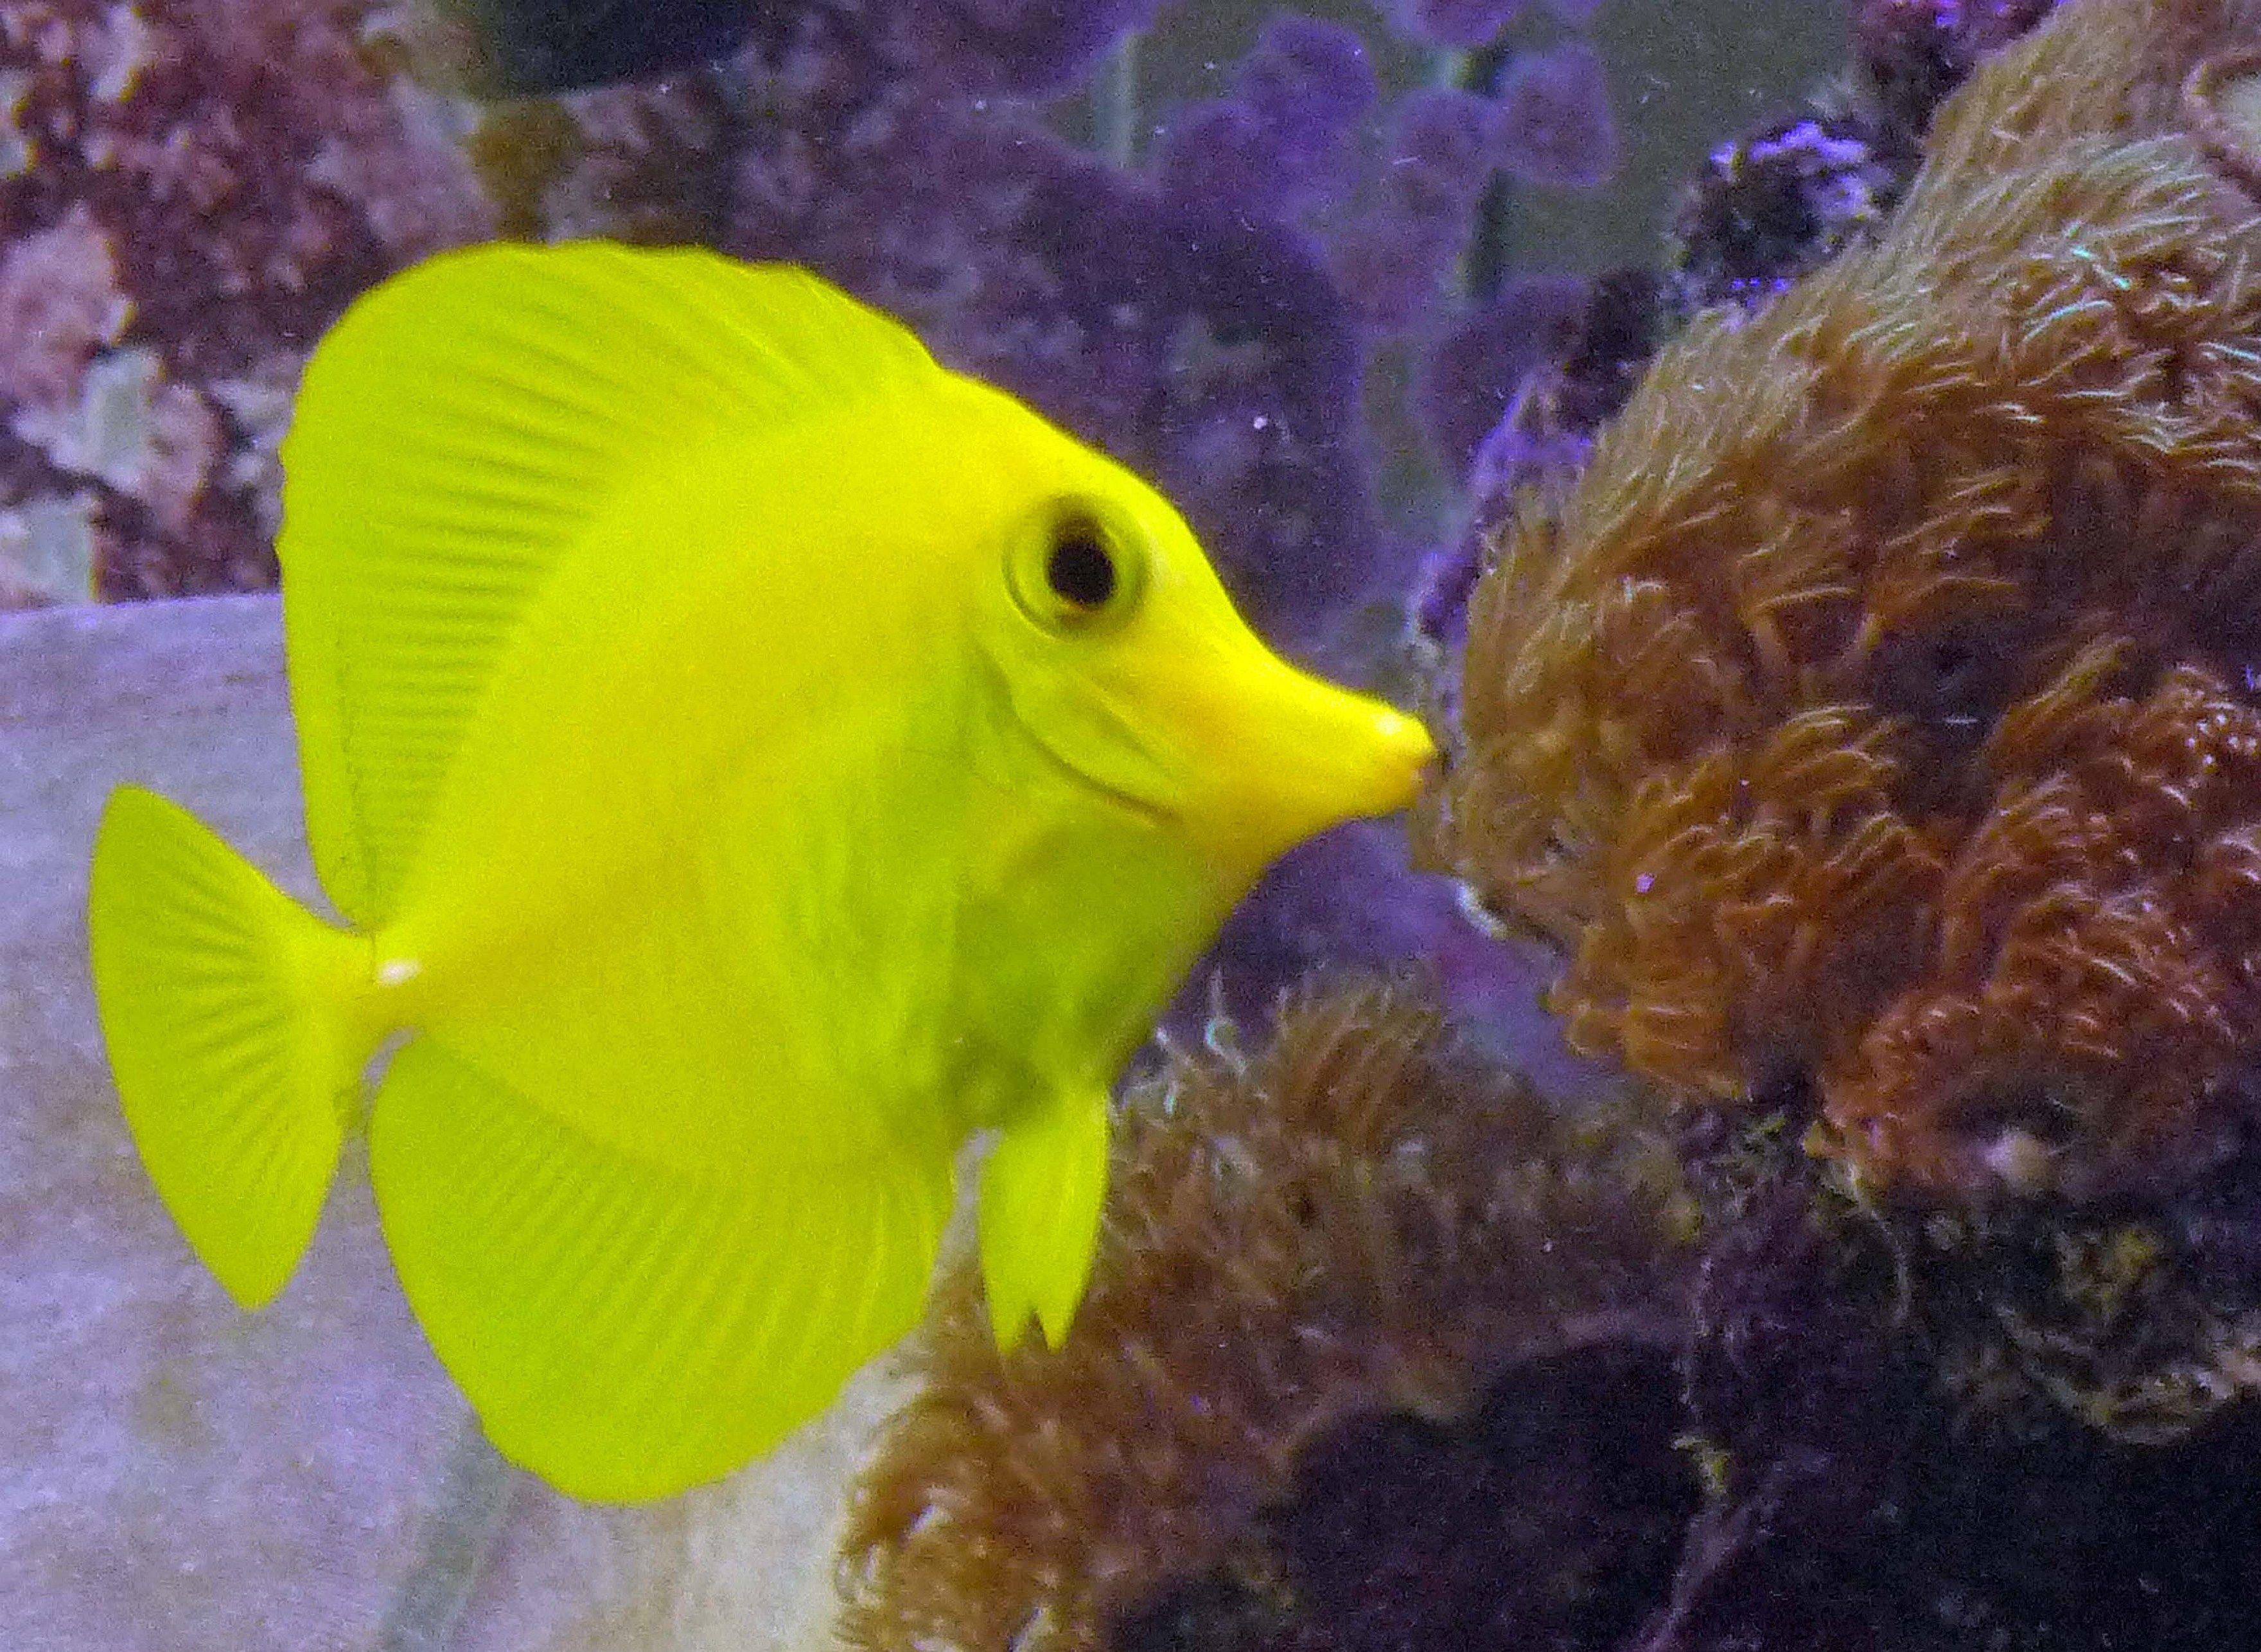 Saltwater   Cool sea creatures, Saltwater aquarium fish